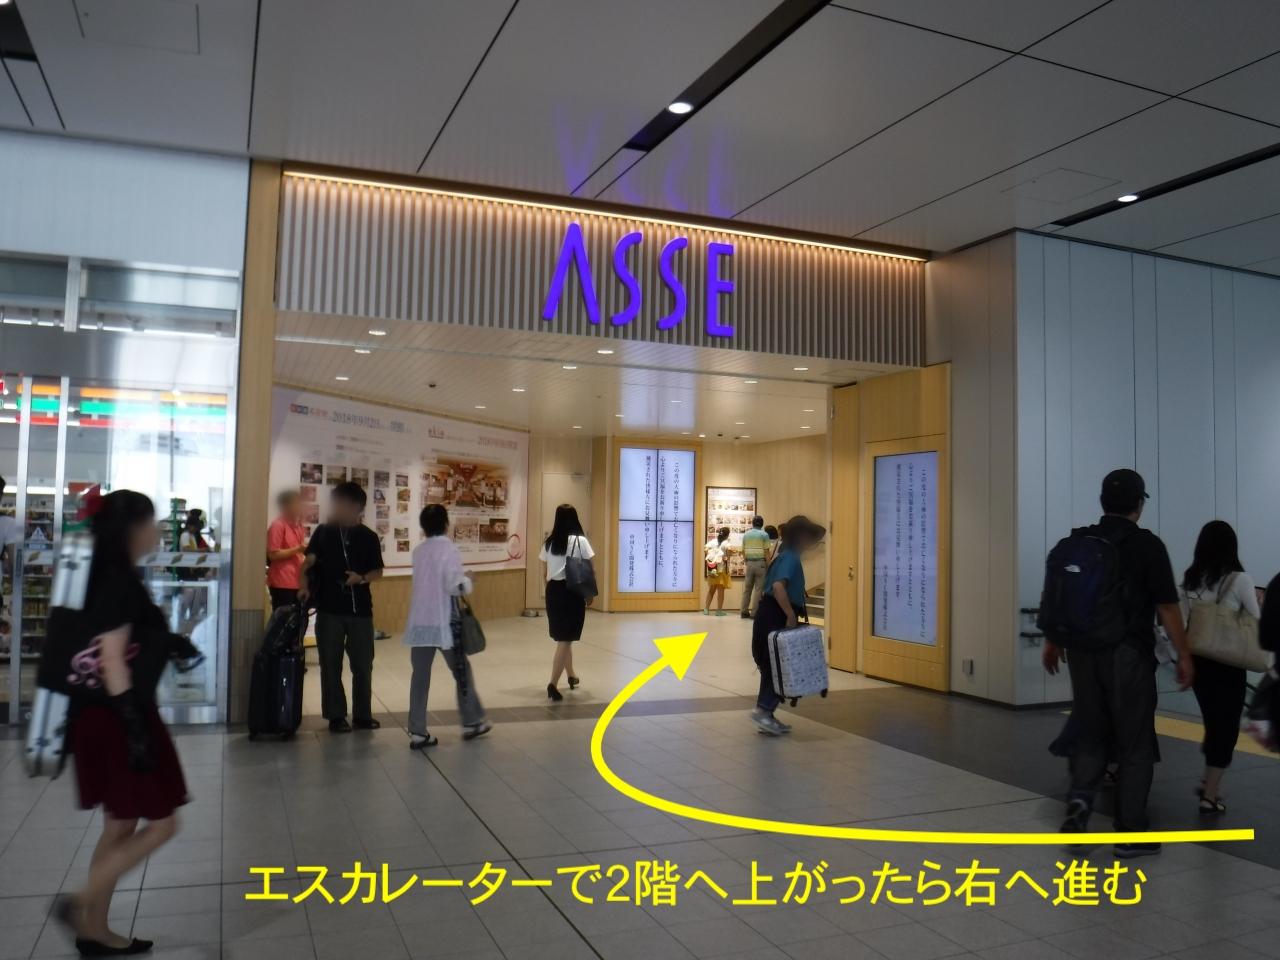 スターバックスコーヒー広島アッセ店